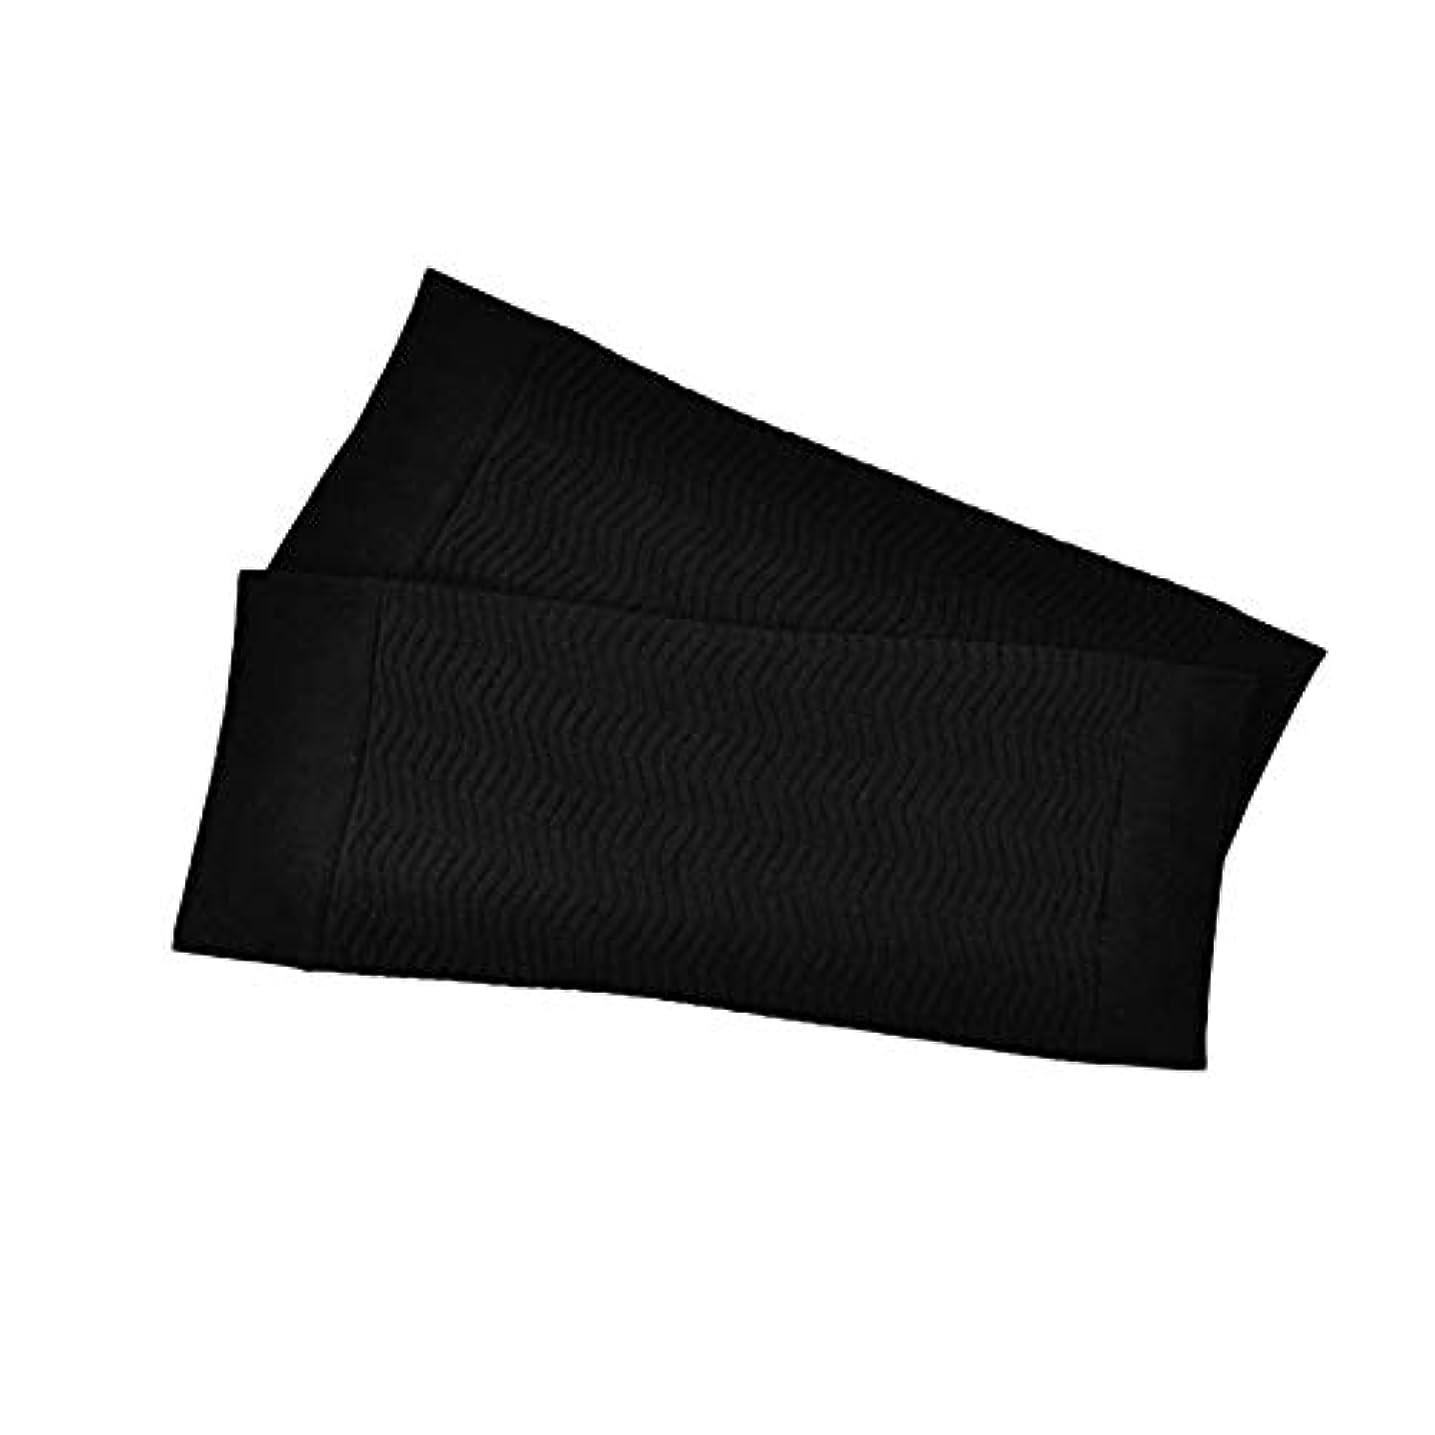 発揮する花火混雑1ペア680 d圧縮アームシェイパーワークアウトトーニングバーンセルライト痩身アームスリーブ脂肪燃焼半袖用女性(Color:black)